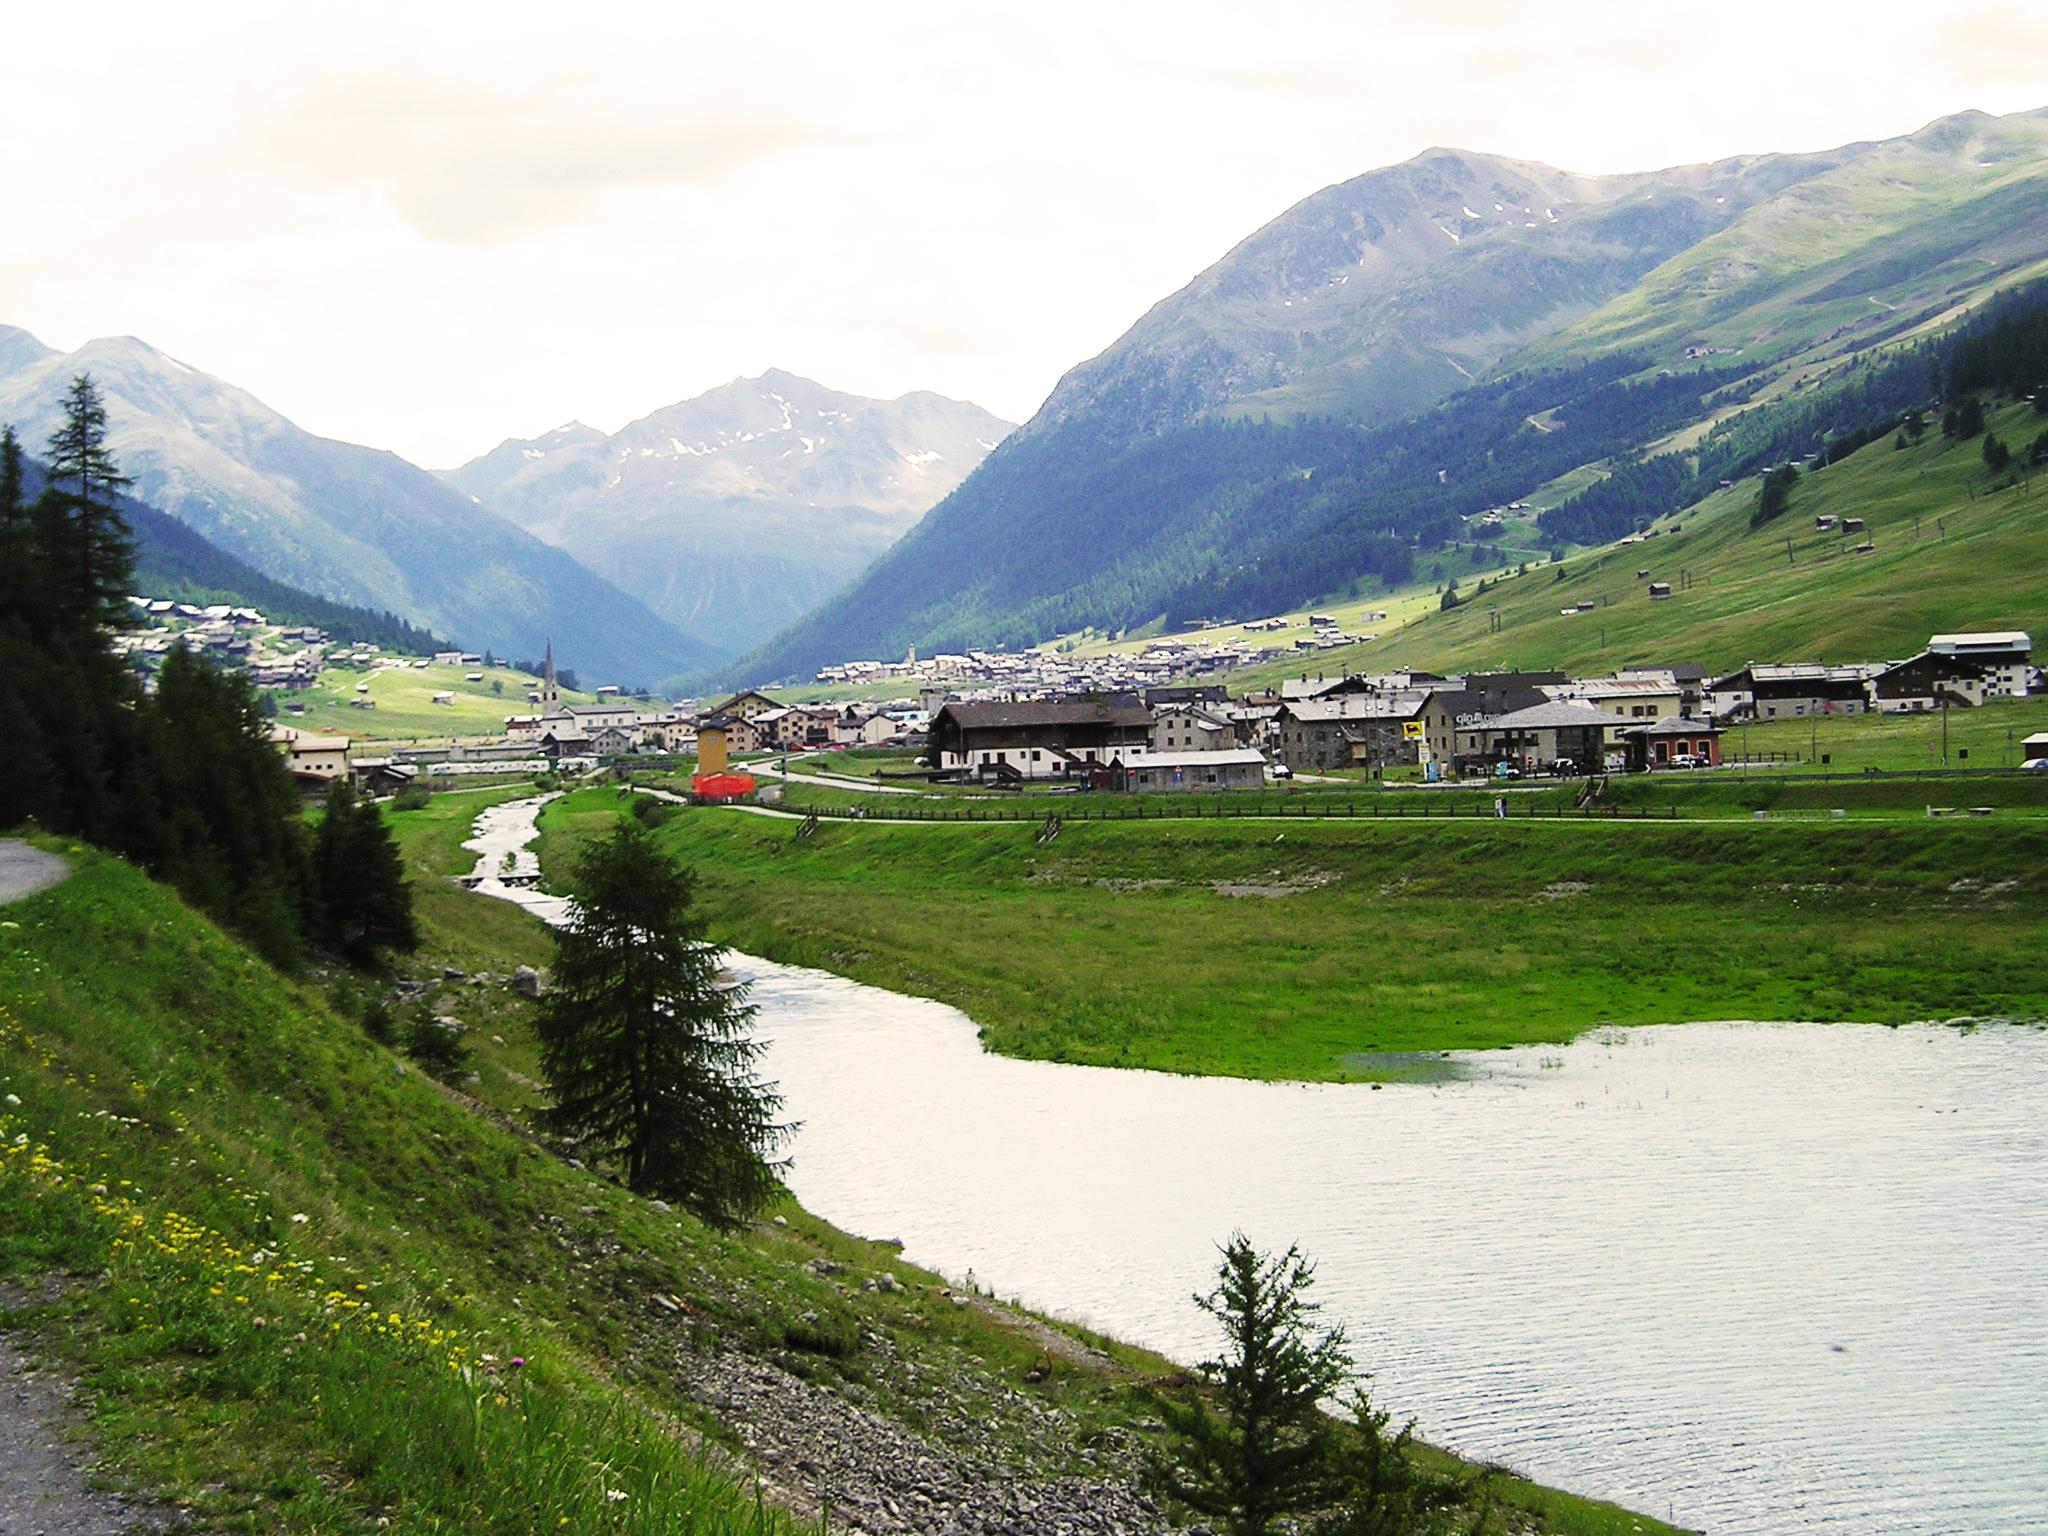 Fiume Spöl, depositato esposto per disastro ambientale.